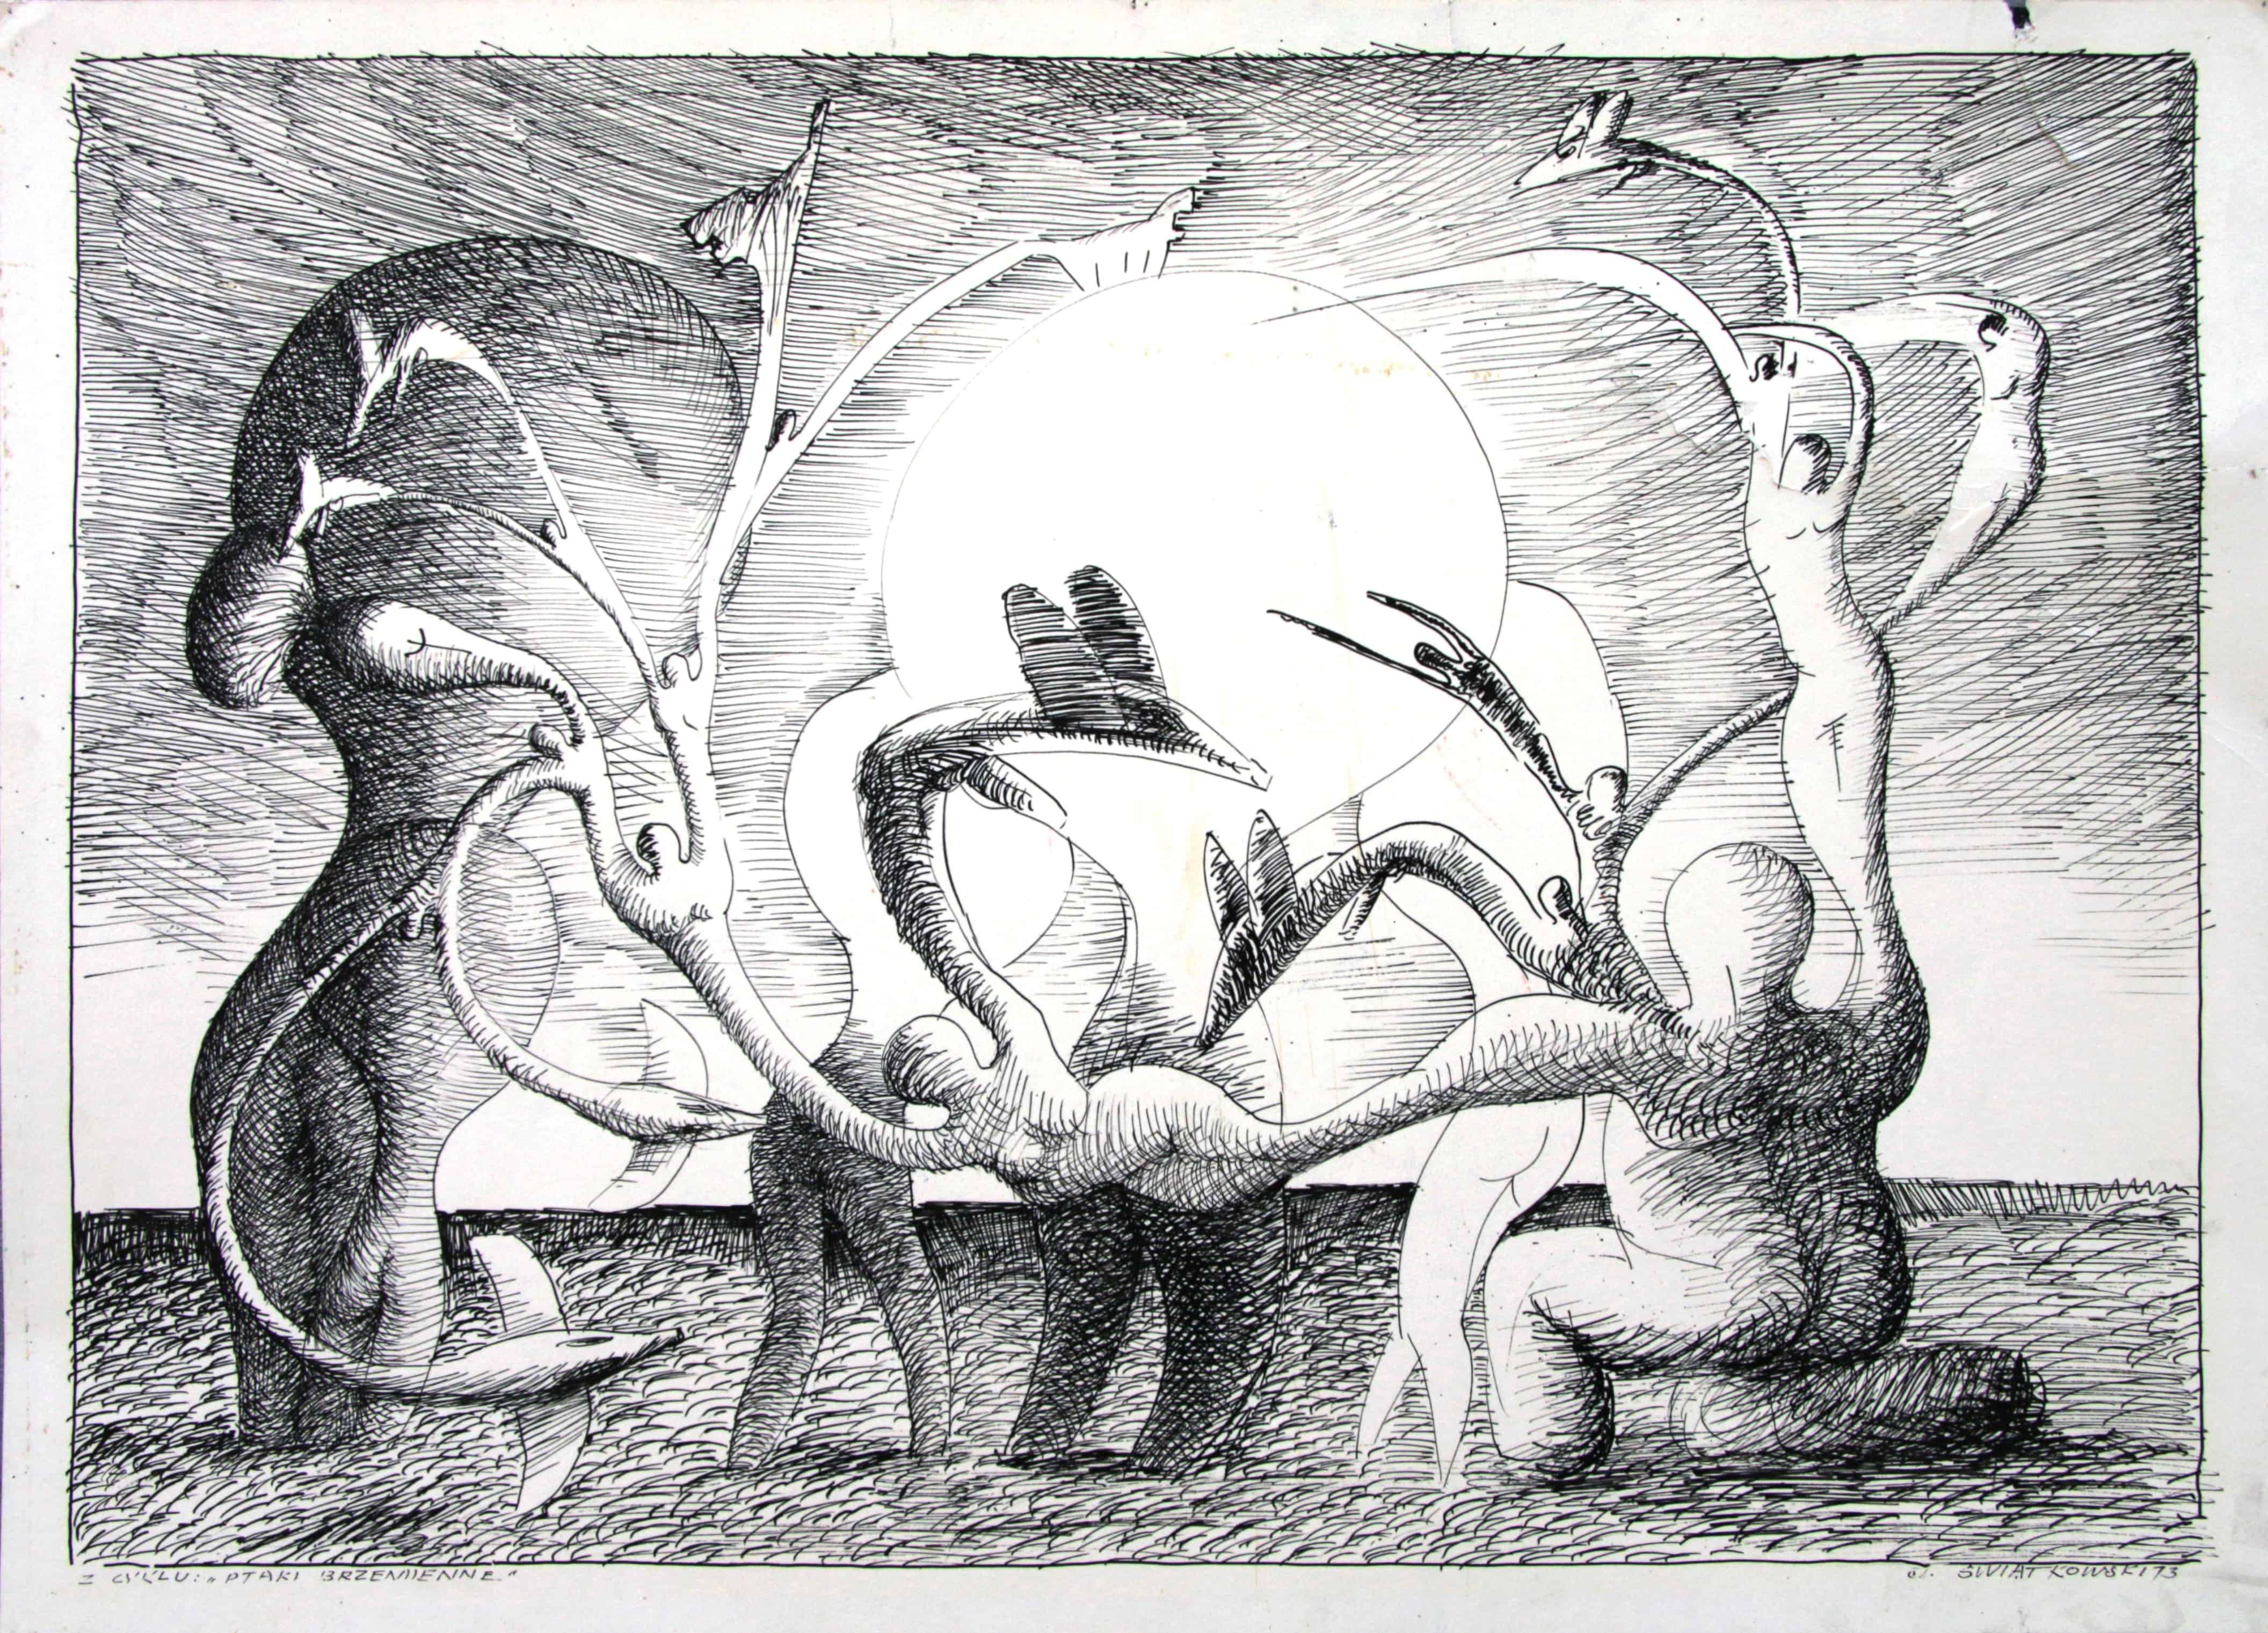 Linoryt Jerzego Świątkowskiego